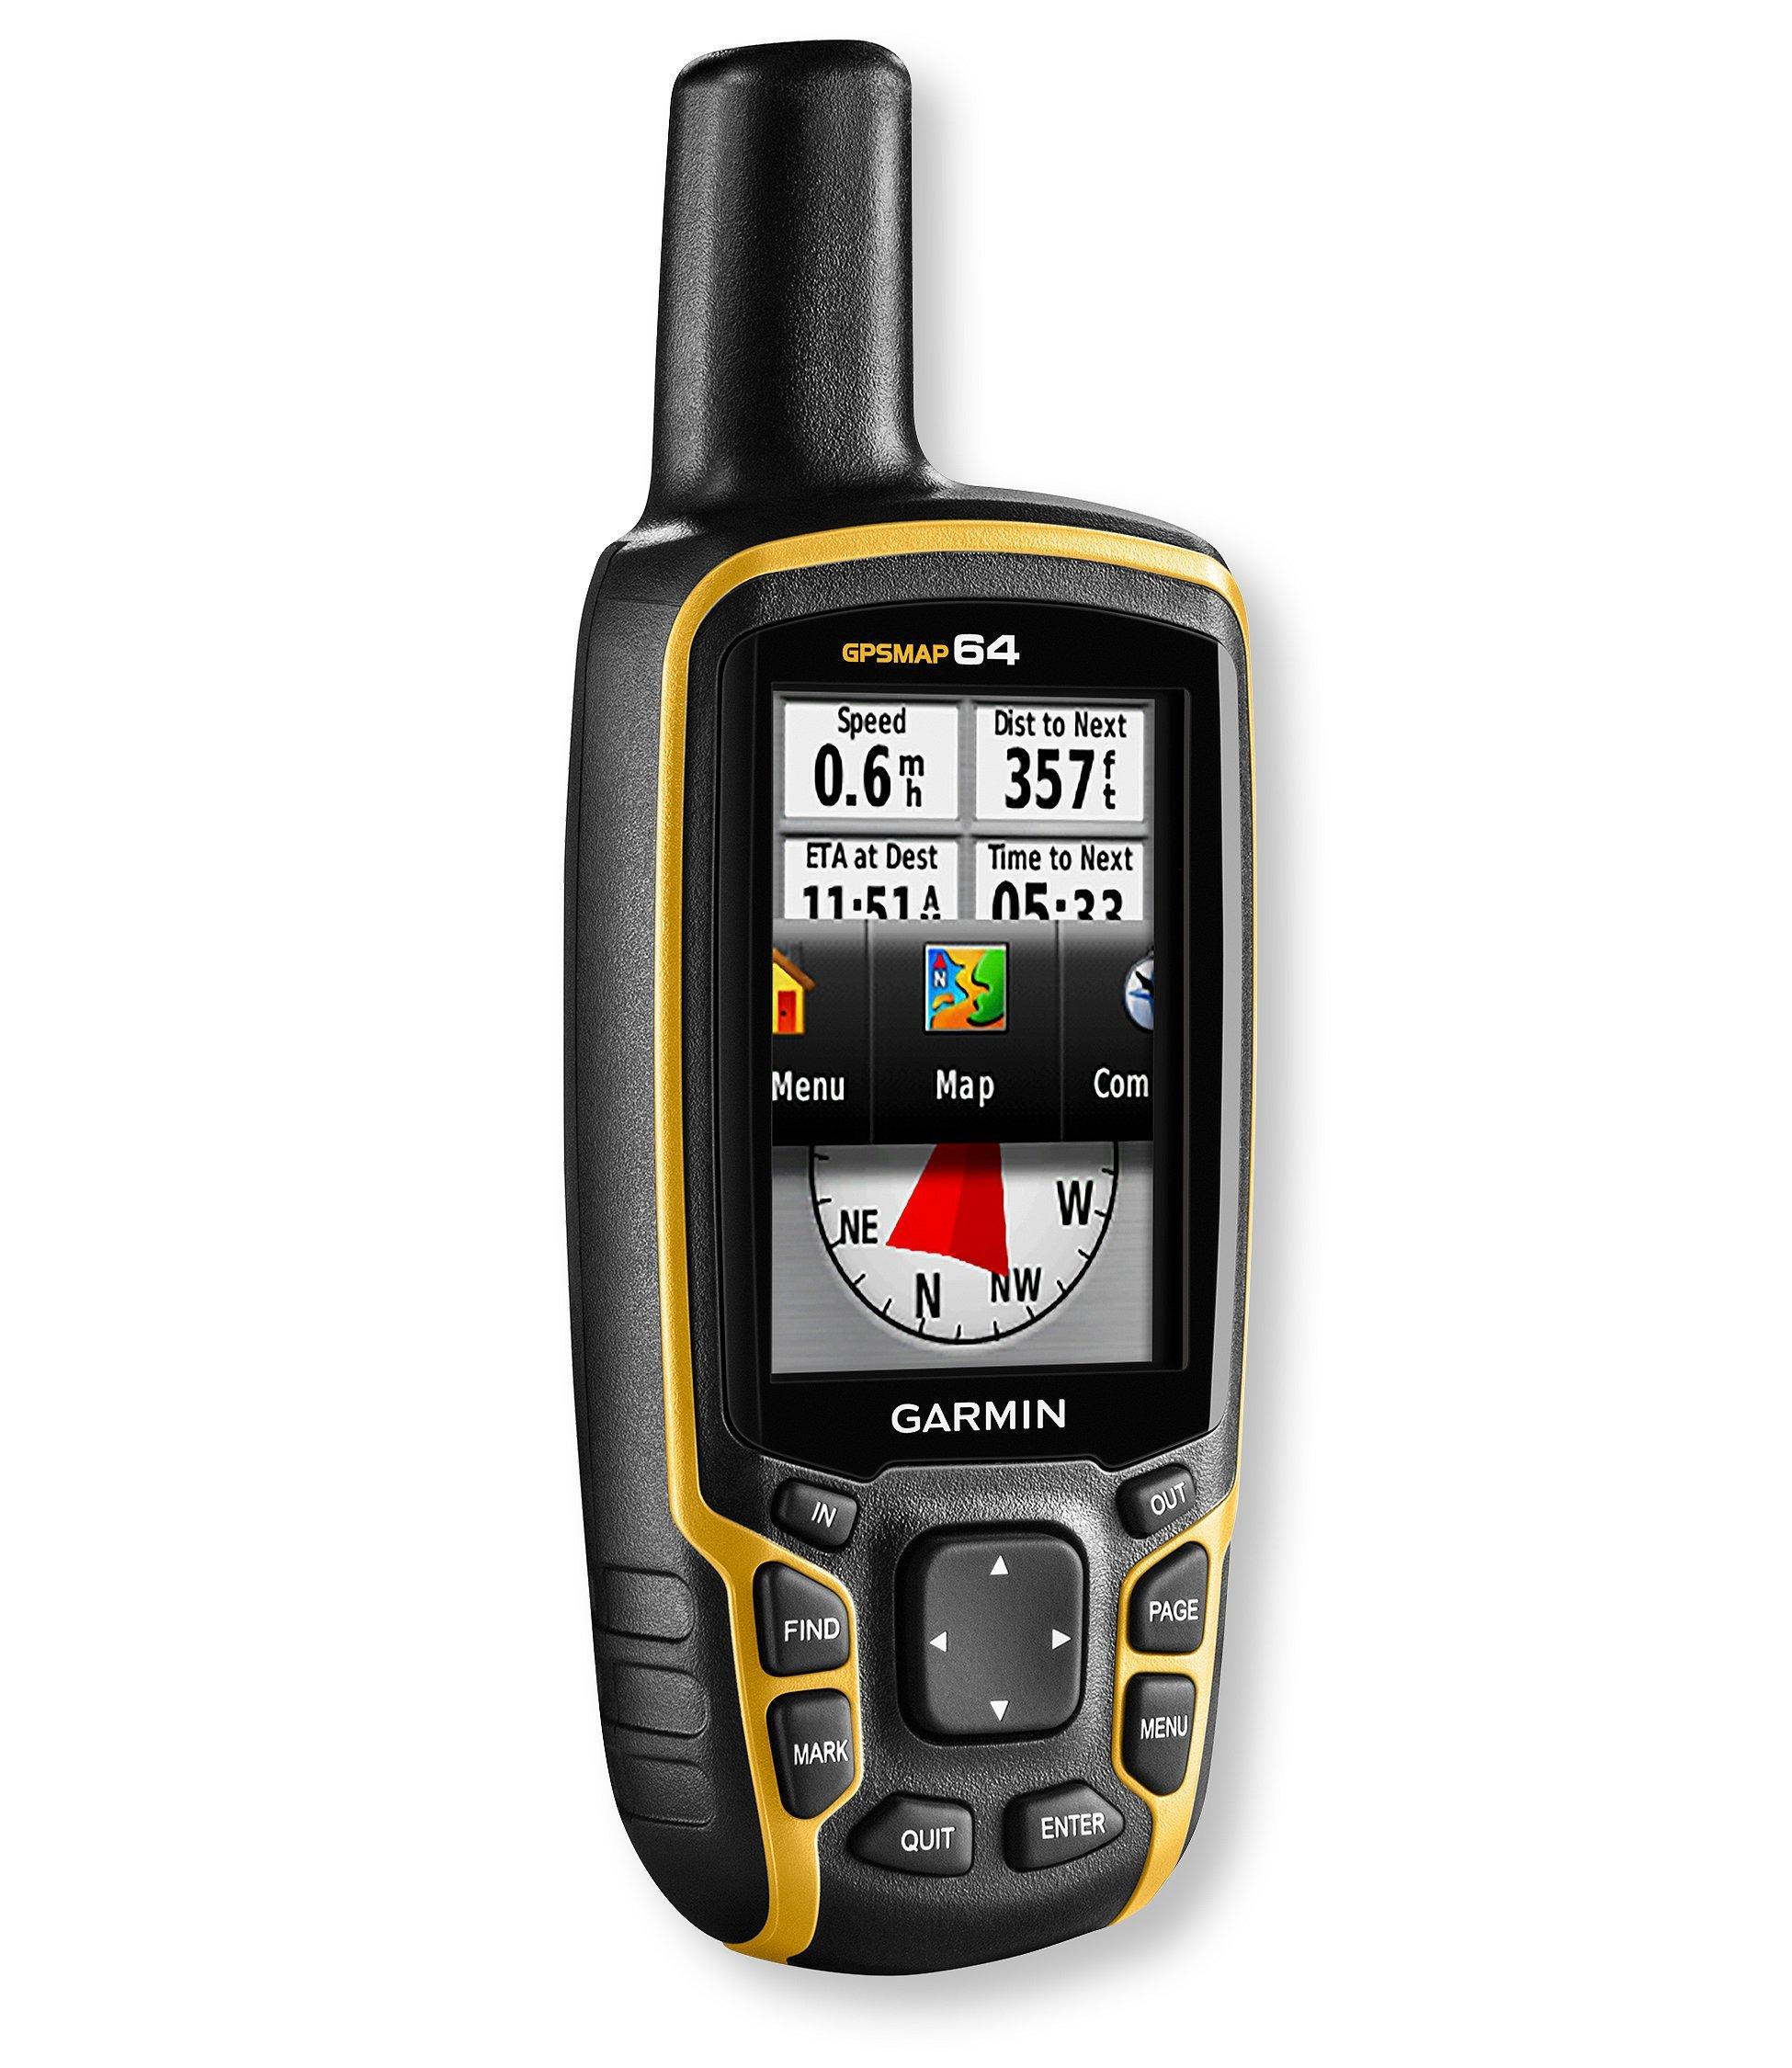 Garmin GPSMAP 64 Handheld Navigator 3